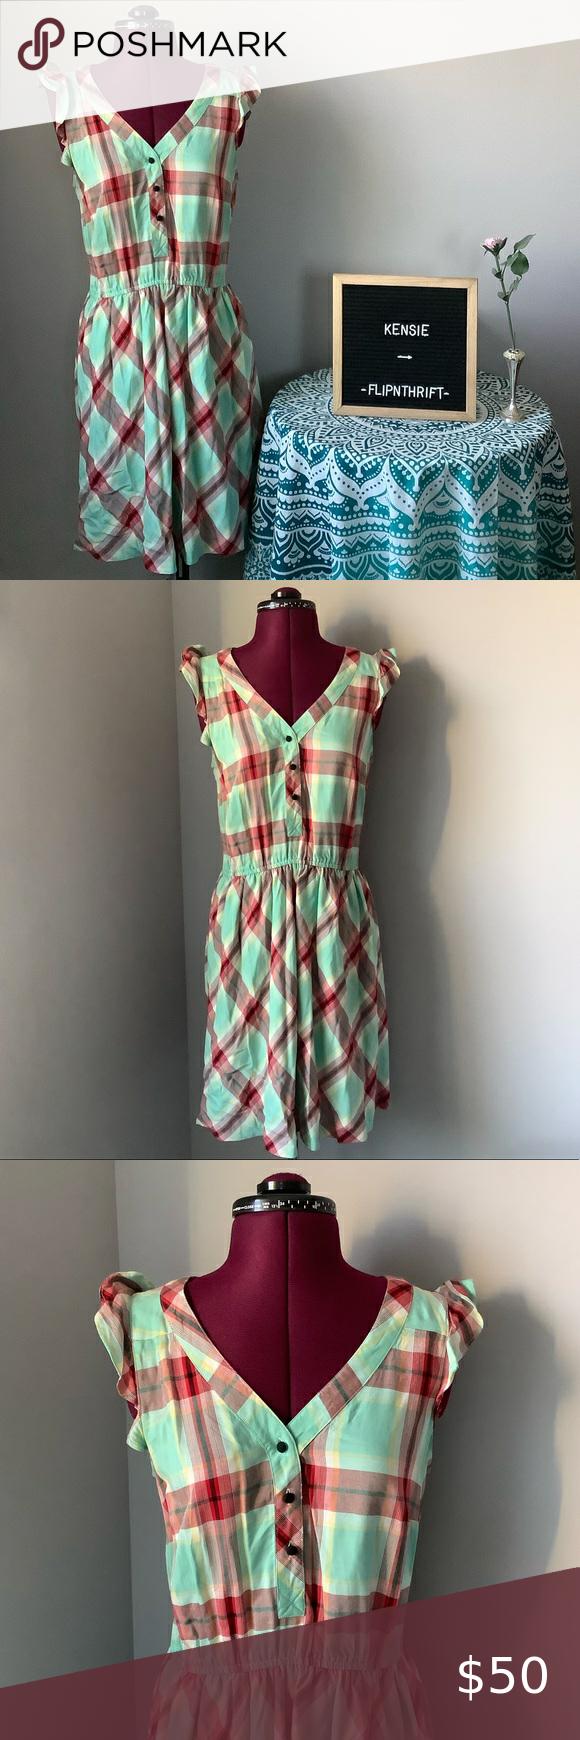 Kensie Mint Green Plaid Dress Green Plaid Dress Plaid Dress Kensie Dress [ 1740 x 580 Pixel ]